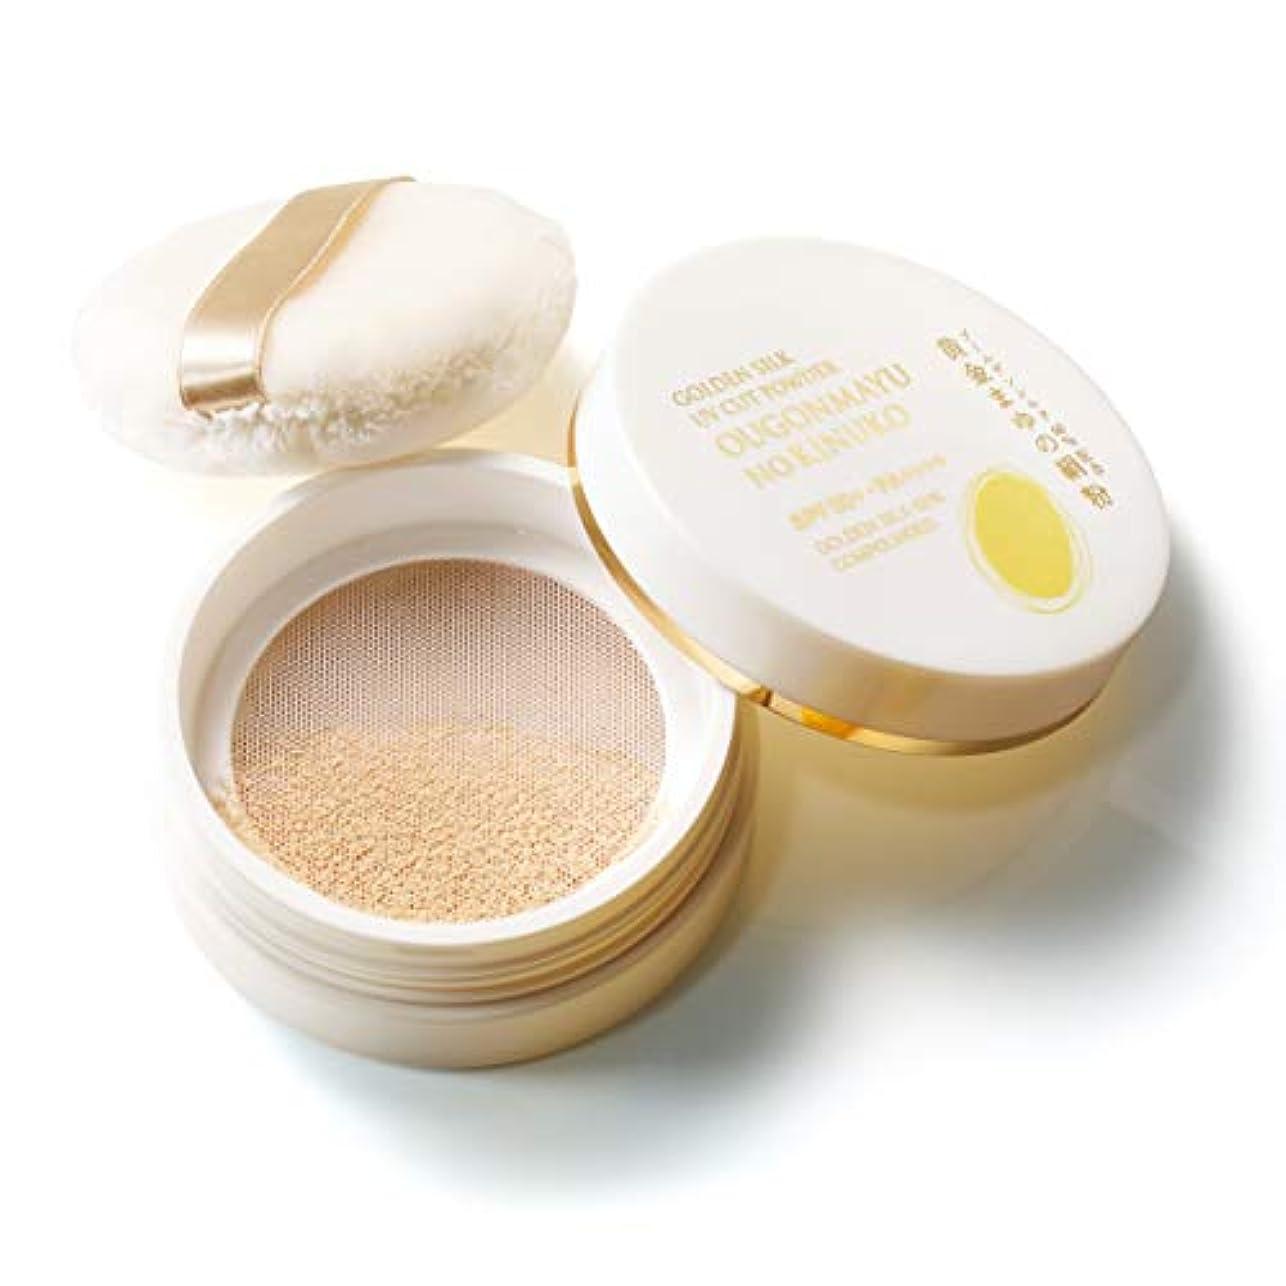 貪欲シェルこどもセンター通販生活の天然黄金シルクUVカットパウダー「黄金まゆの絹粉」 希少な天然黄金シルク60%配合で「UVカット力最高値」のパウダーは本品だけ。